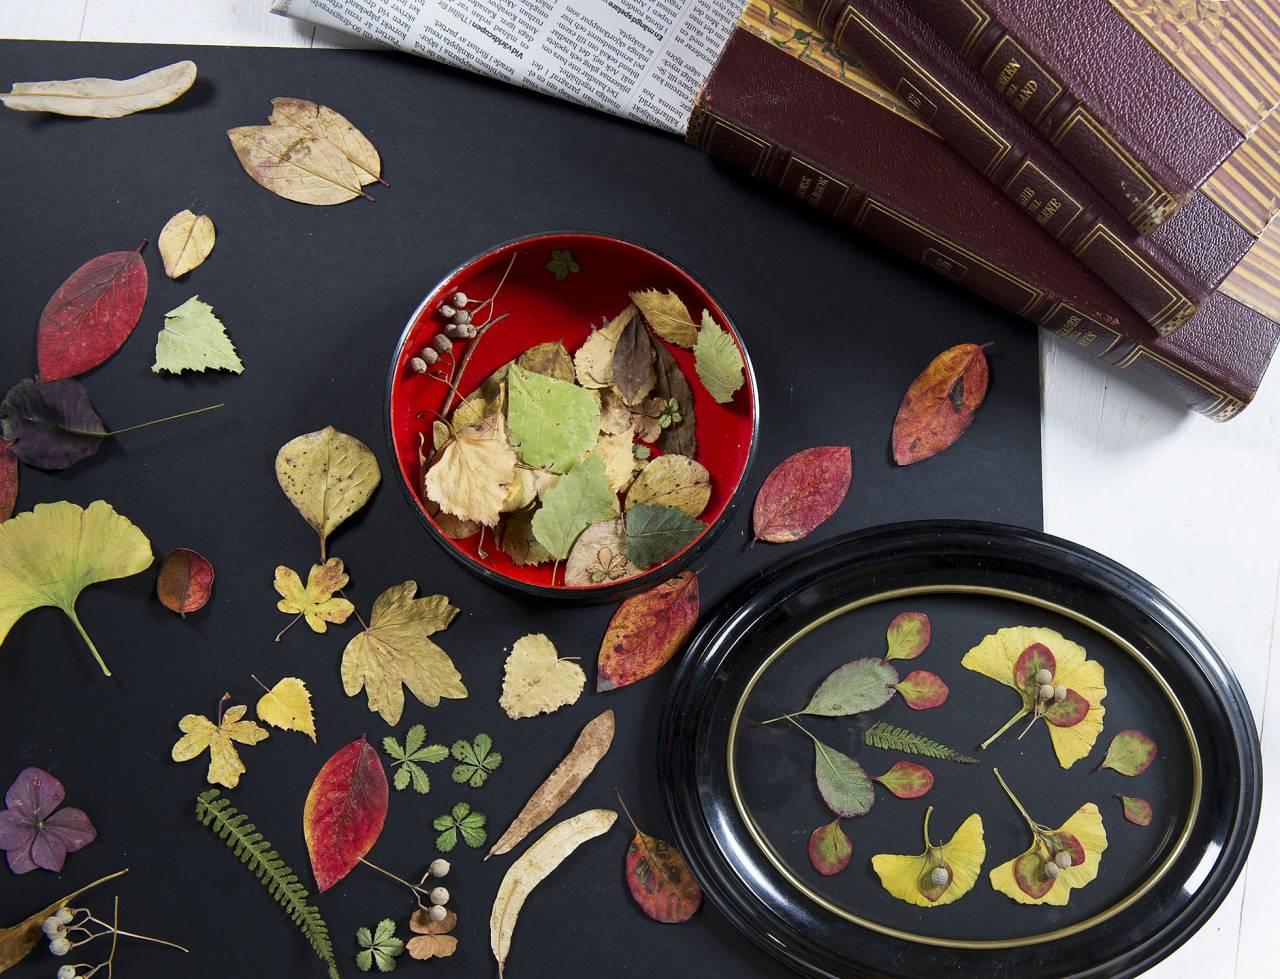 Konstverk av udda och färgstarka blad på svart papper.